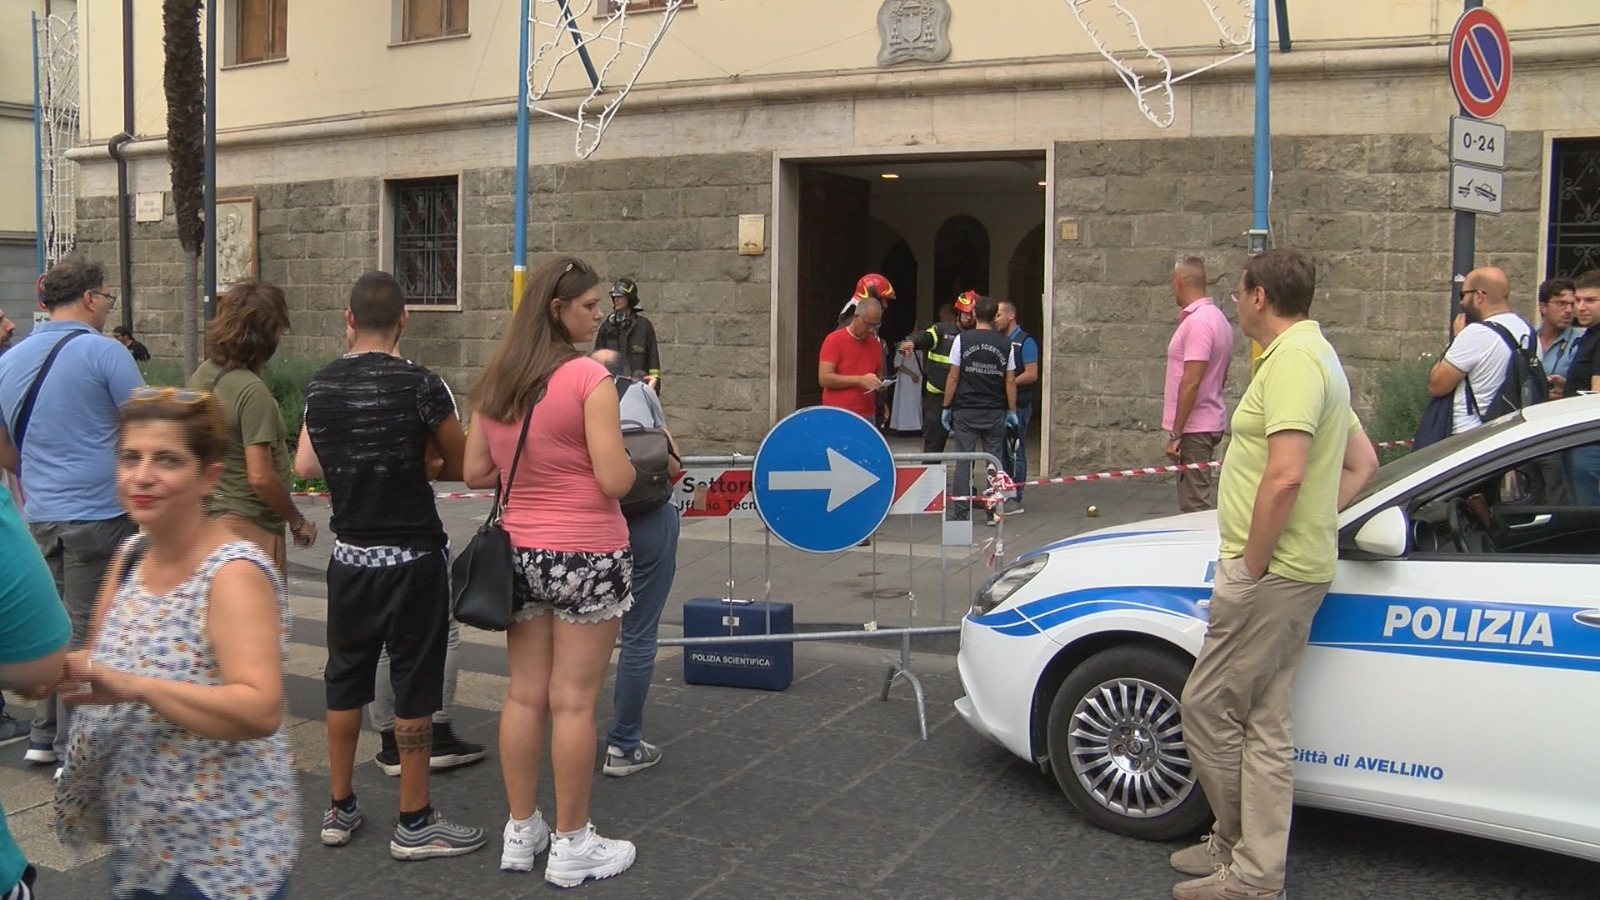 Attentato Avellino:per responsabile si valuta tentata strage